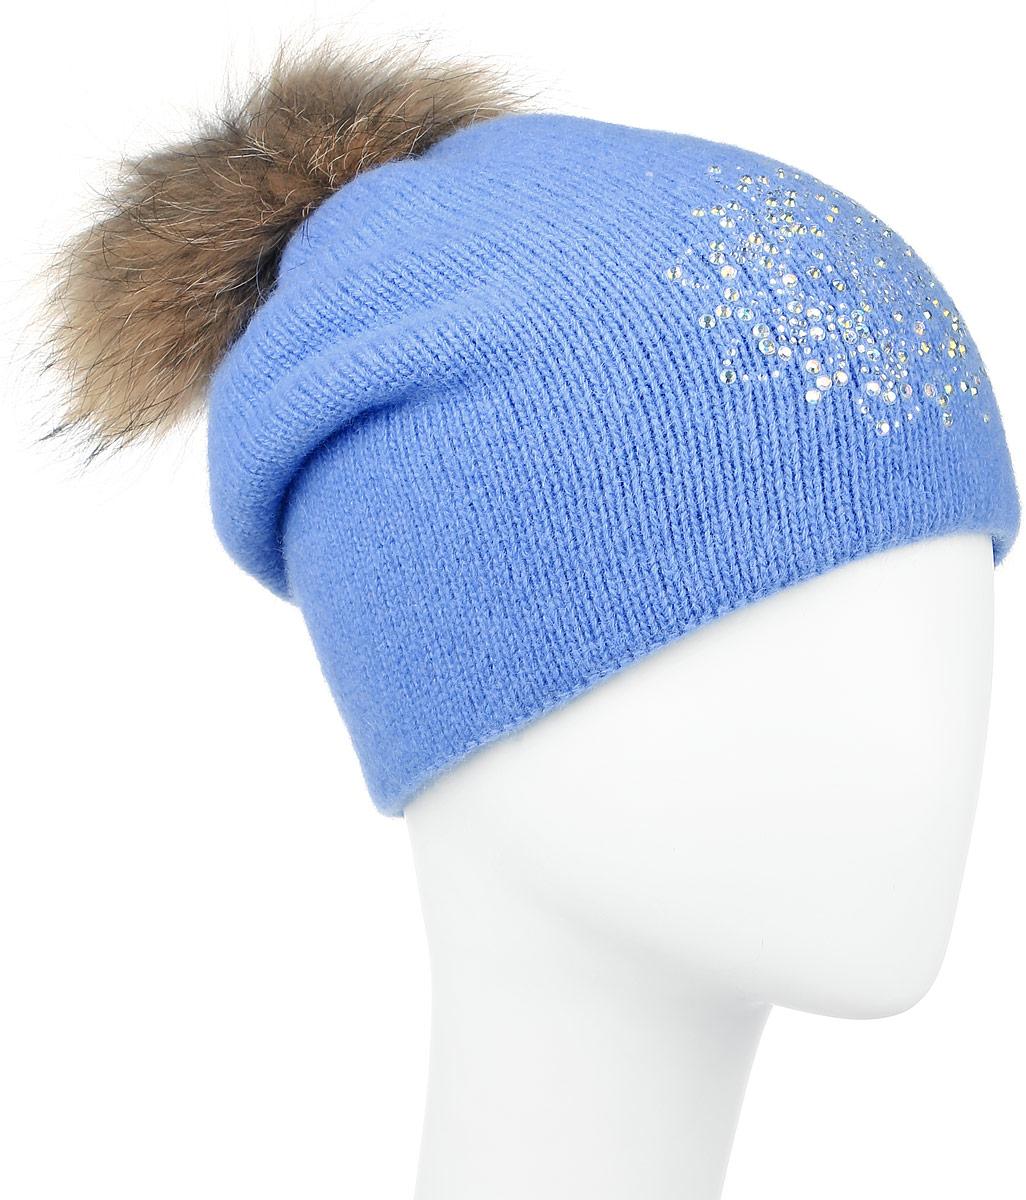 Шапка женская Finn Flare, цвет: голубой. W16-11128_139. Размер 56W16-11128_139Стильная женская шапка Finn Flare дополнит ваш наряд и не позволит вам замерзнуть в холодное время года. Шапка выполнена из высококачественной пряжи, что позволяет ей великолепно сохранять тепло и обеспечивает высокую эластичность и удобство посадки.Модель оформлена брендовой металлической пластиной, стразами и дополнена помпоном из натурального меха. Уважаемые клиенты!Размер, доступный для заказа, является обхватом головы.